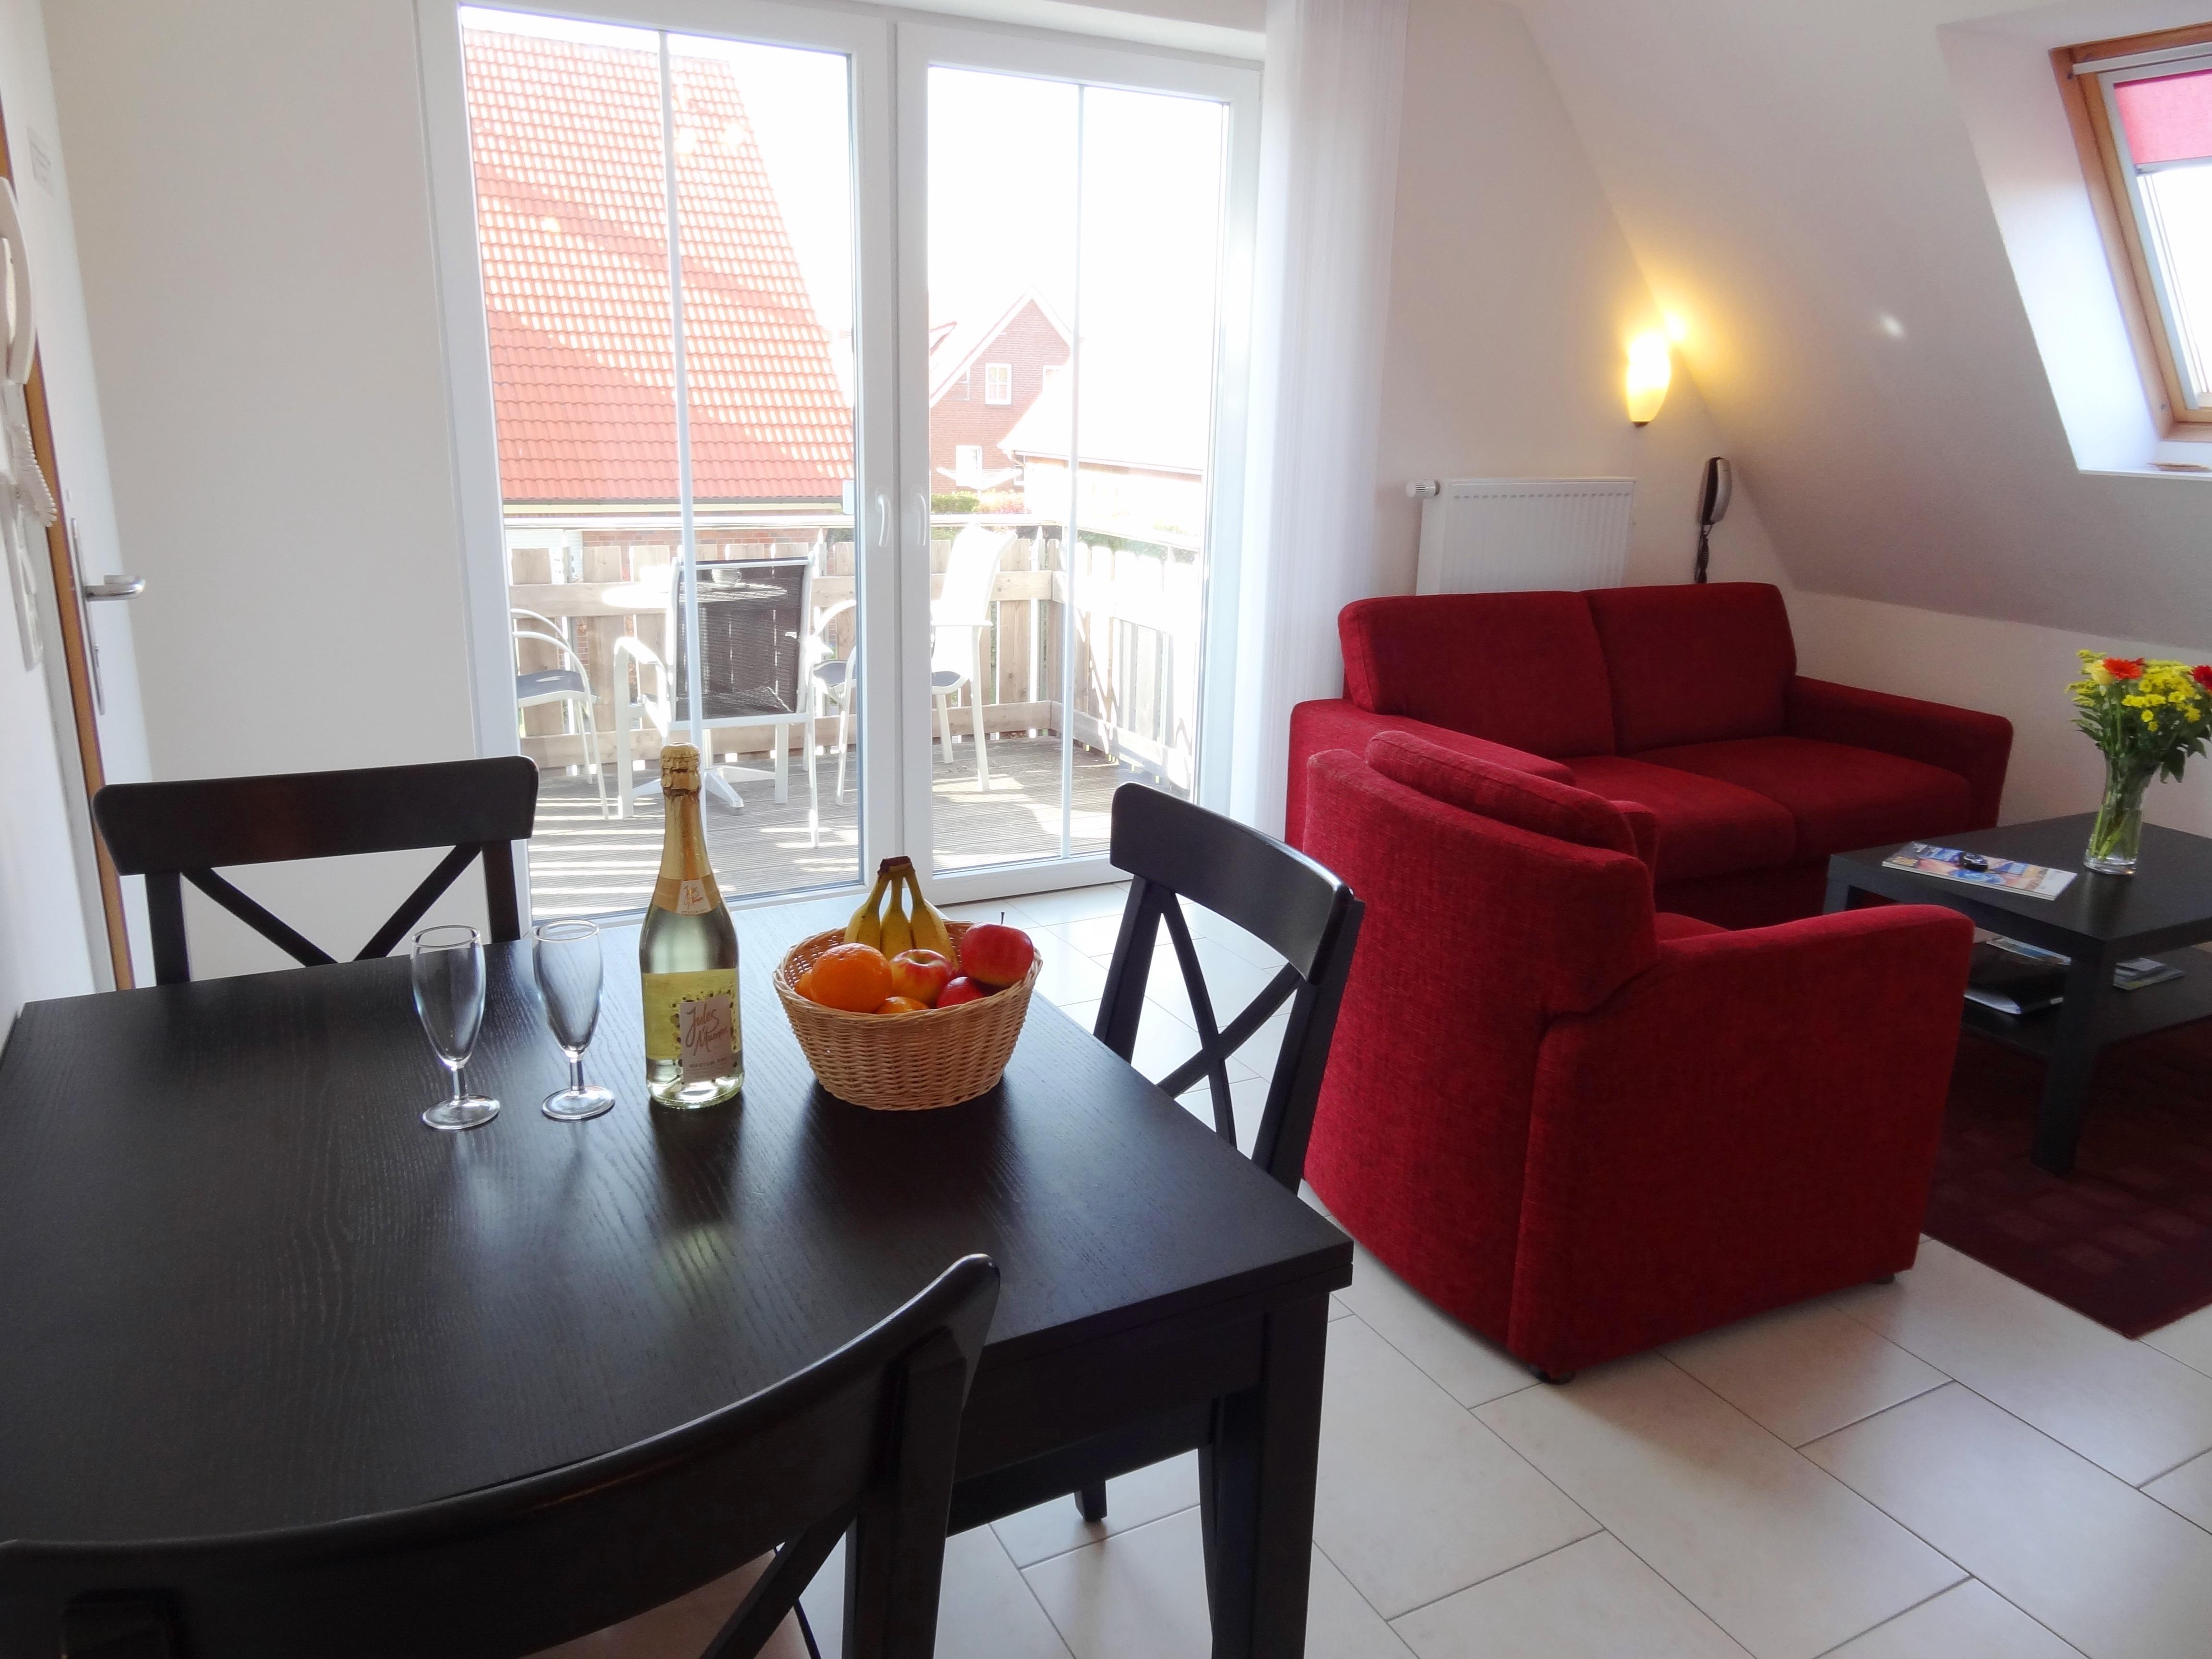 Wohnzimmer mit Balkon der Ferienwohnung Schwerin von Ferienwohnungen Hass auf Fehmarn